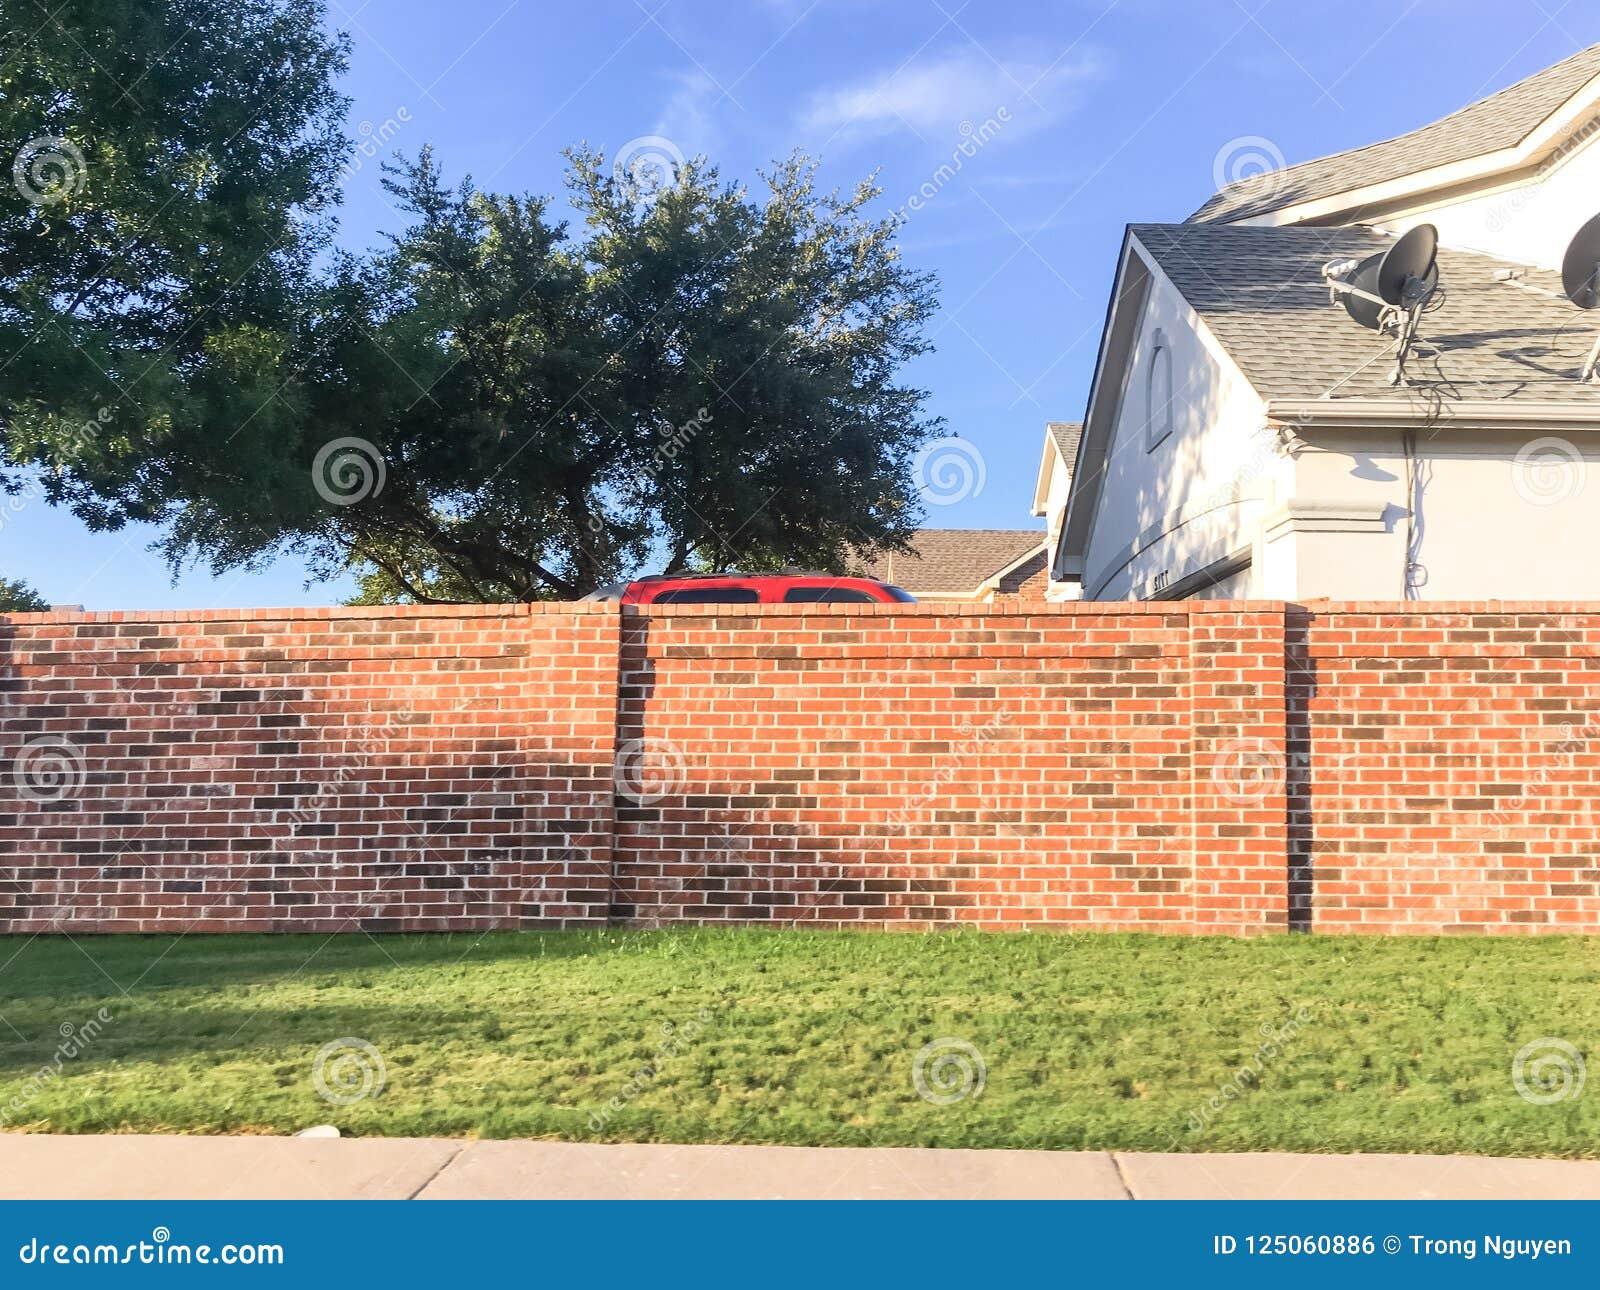 有卫星电视的砖合理的墙壁住宅房子在达拉斯